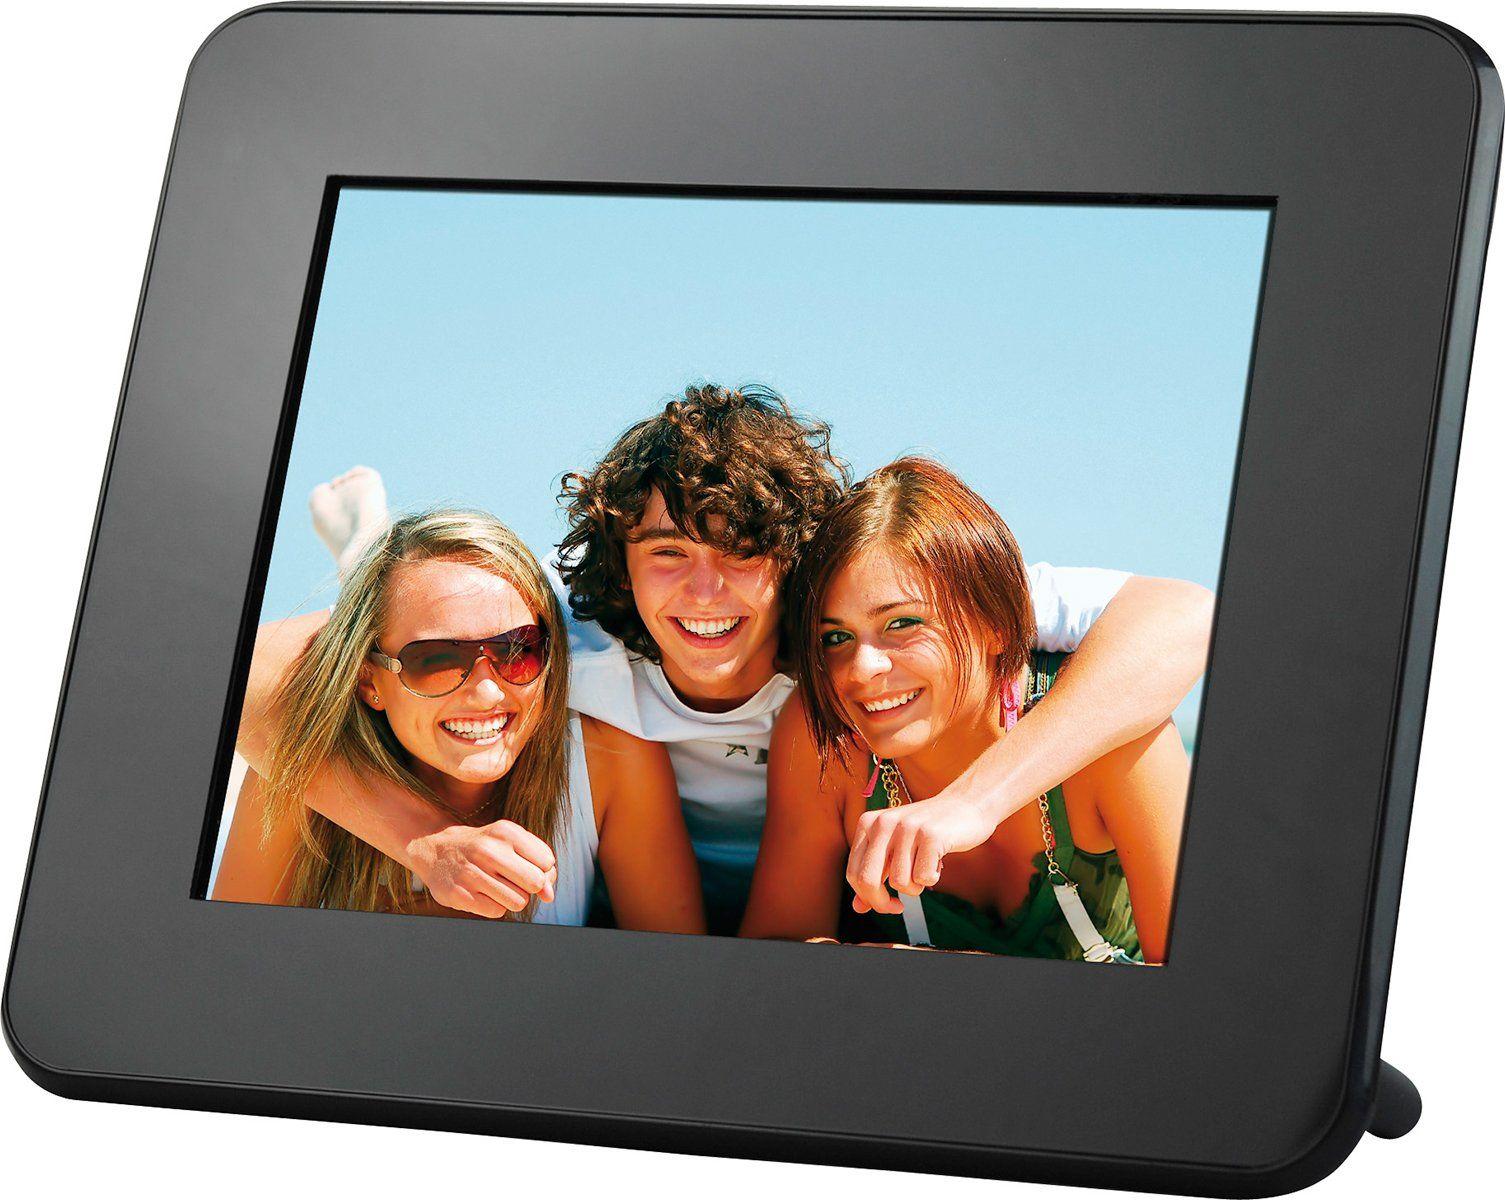 Rollei Pictureline 5080 Multimedia cyfrowa ramka na zdjęcia (wyświetlacz 20,3 cm (8 cali), współczynnik proporcji obrazu, funkcja video/MP3), czarna